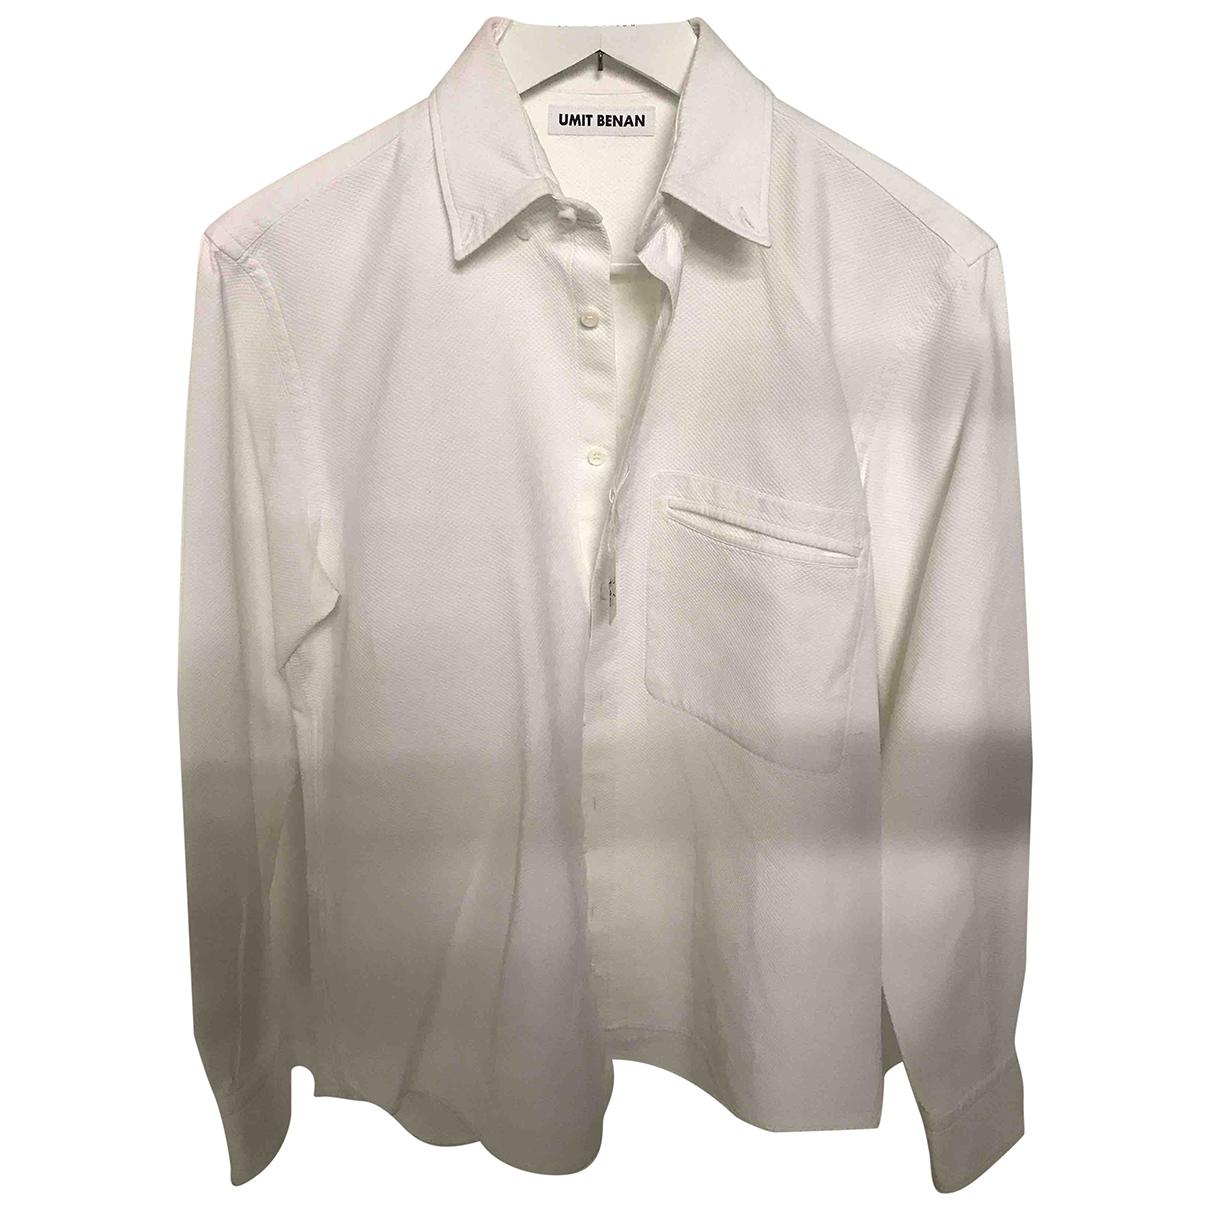 Camisas Umit Benan